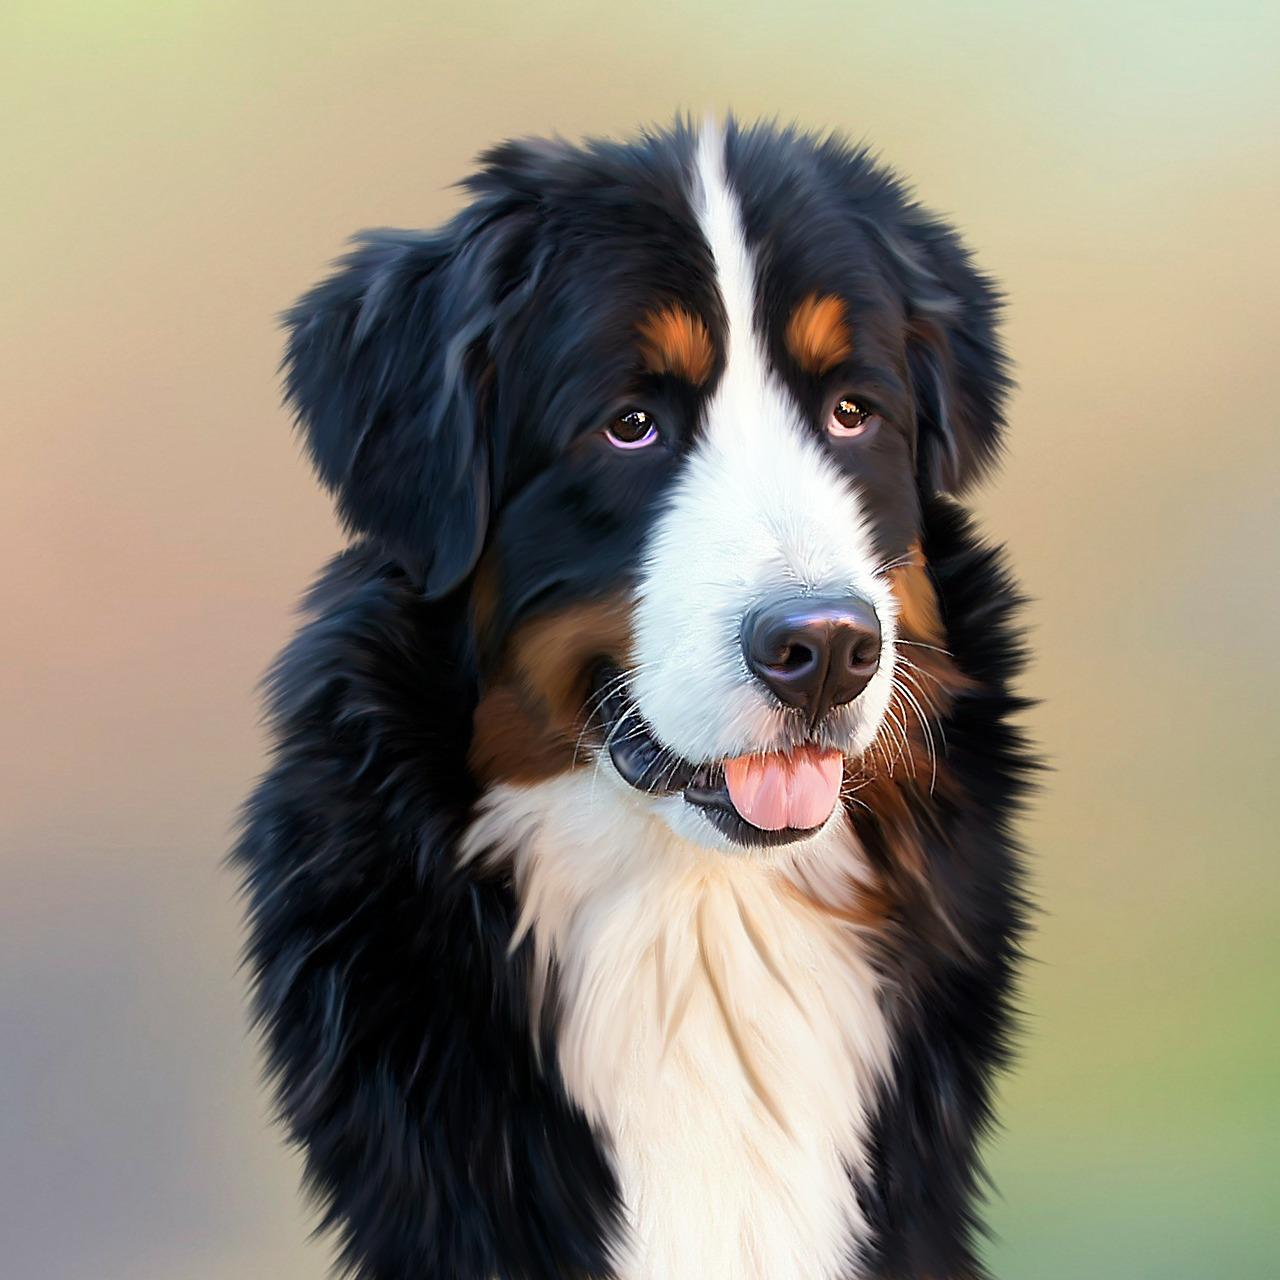 dog-287420_1280